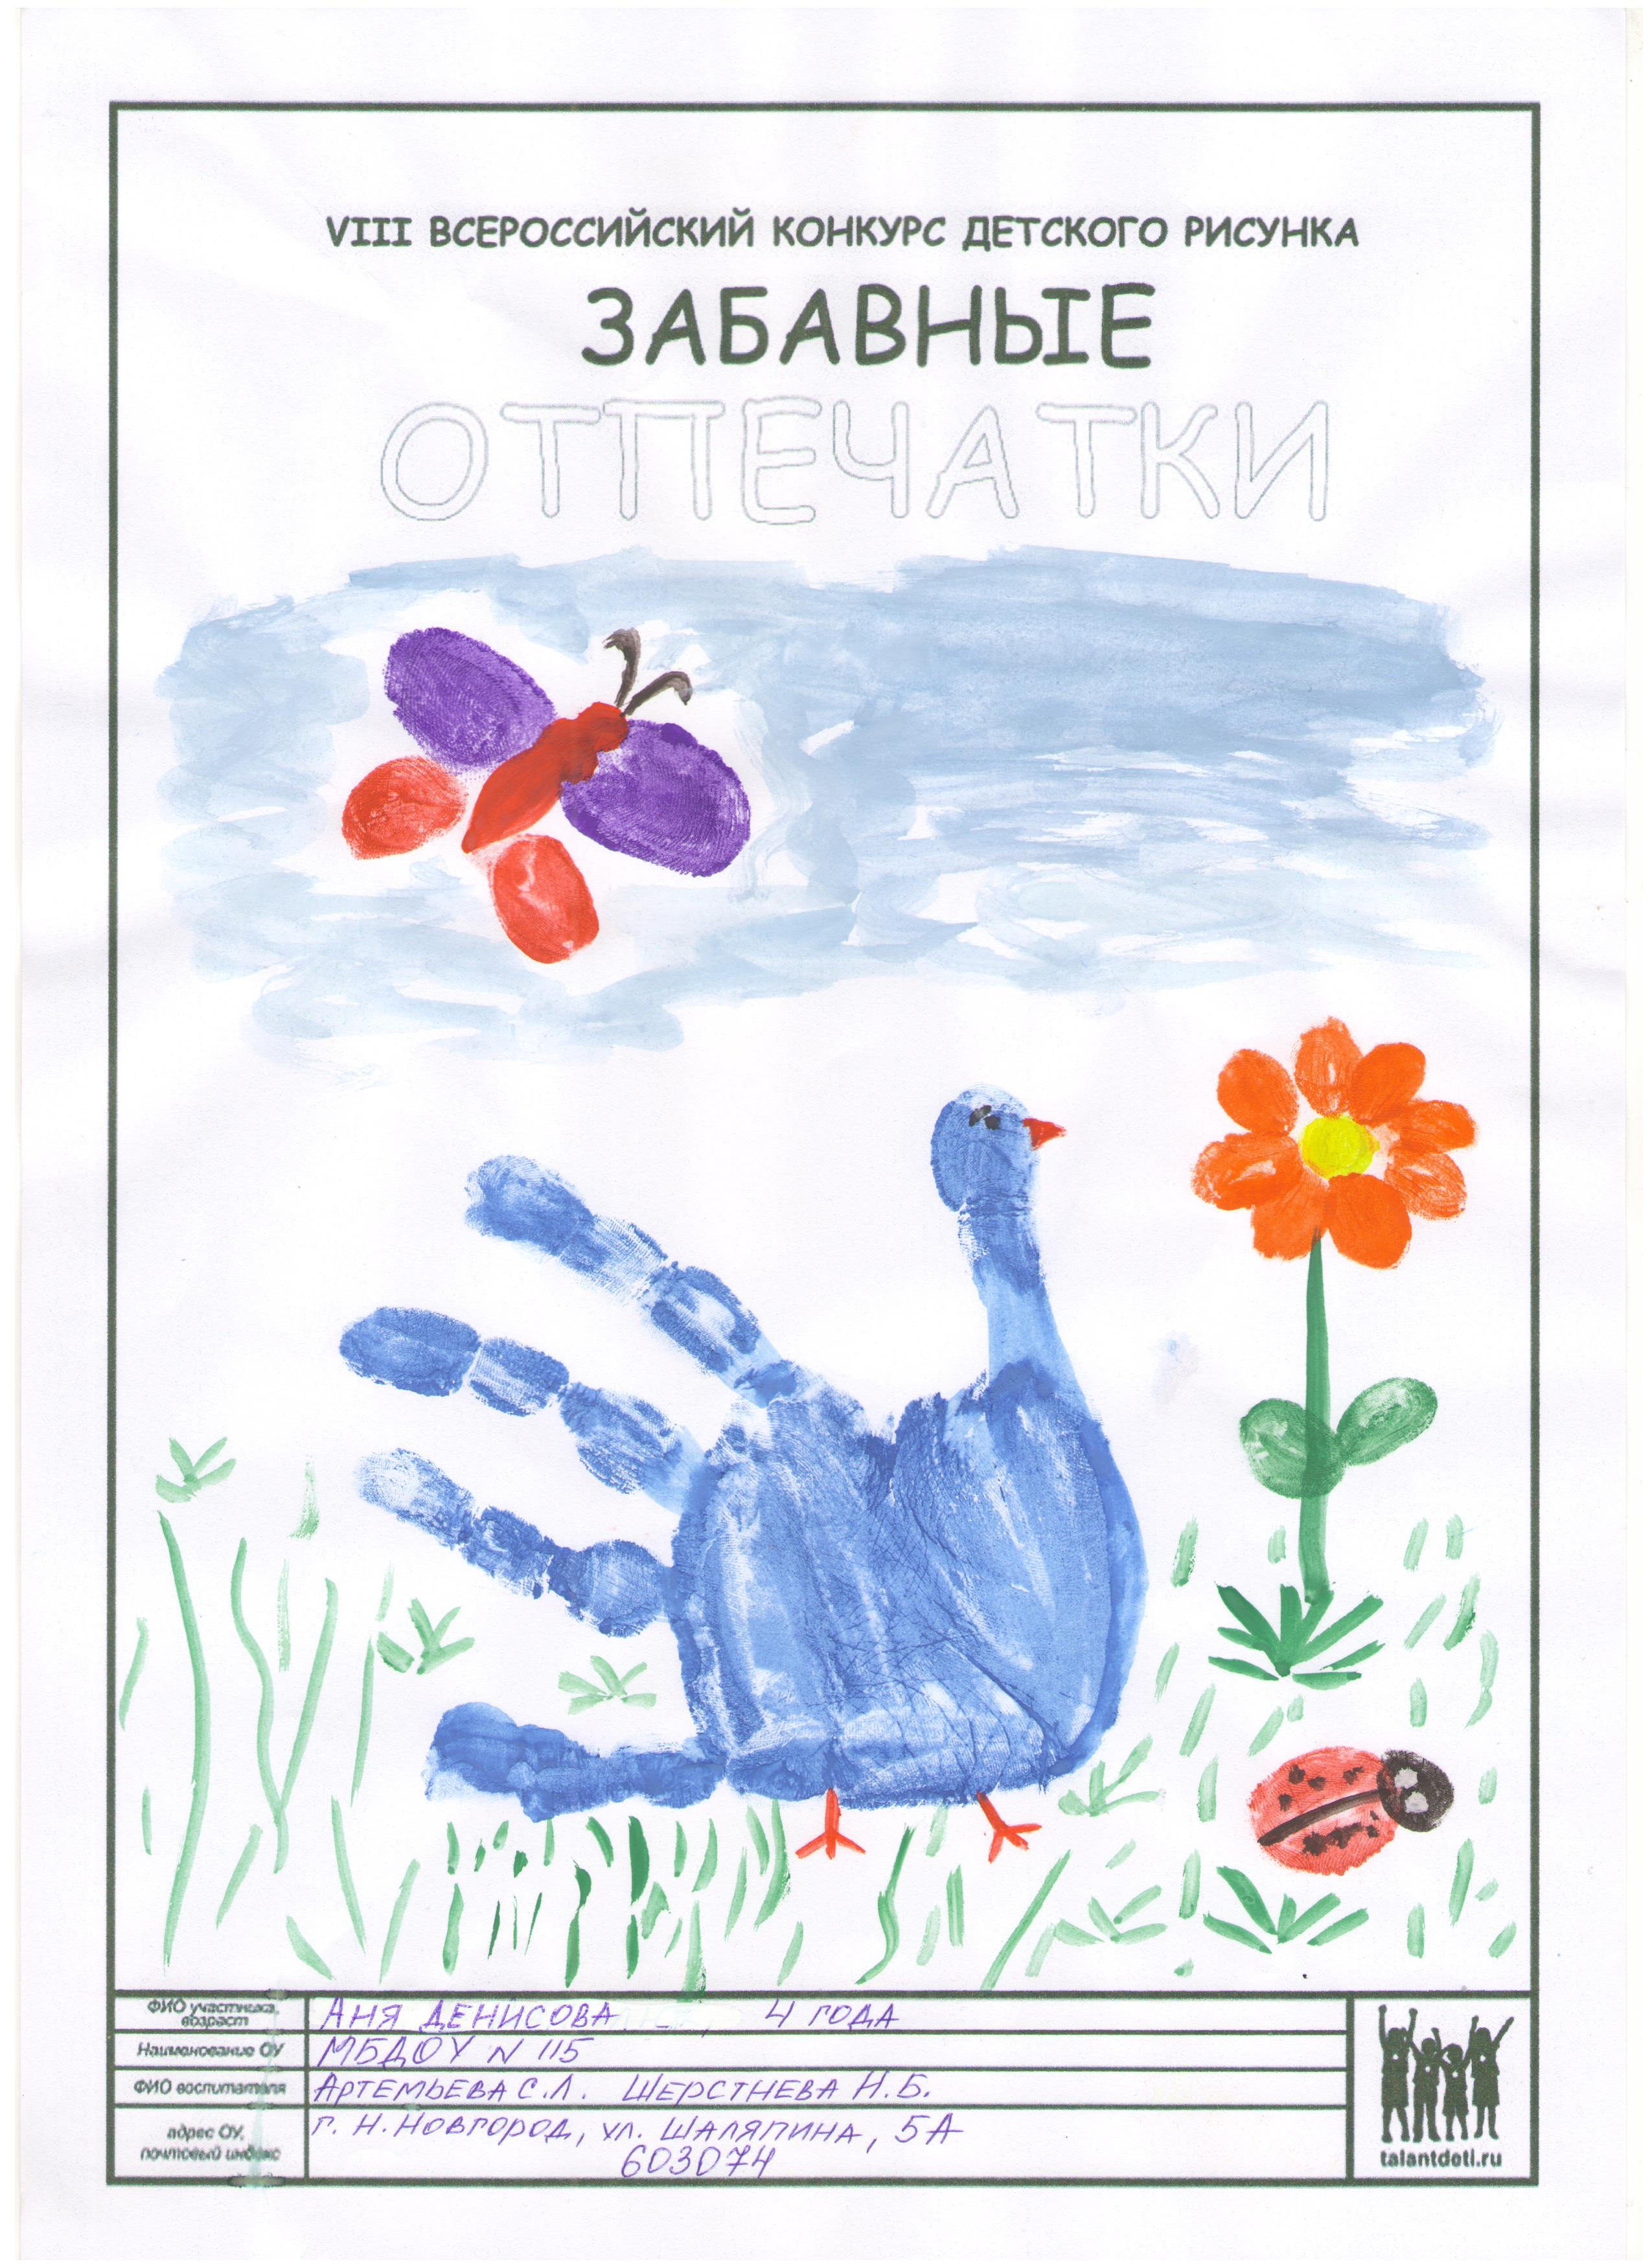 Всероссийский конкурс детского рисунка